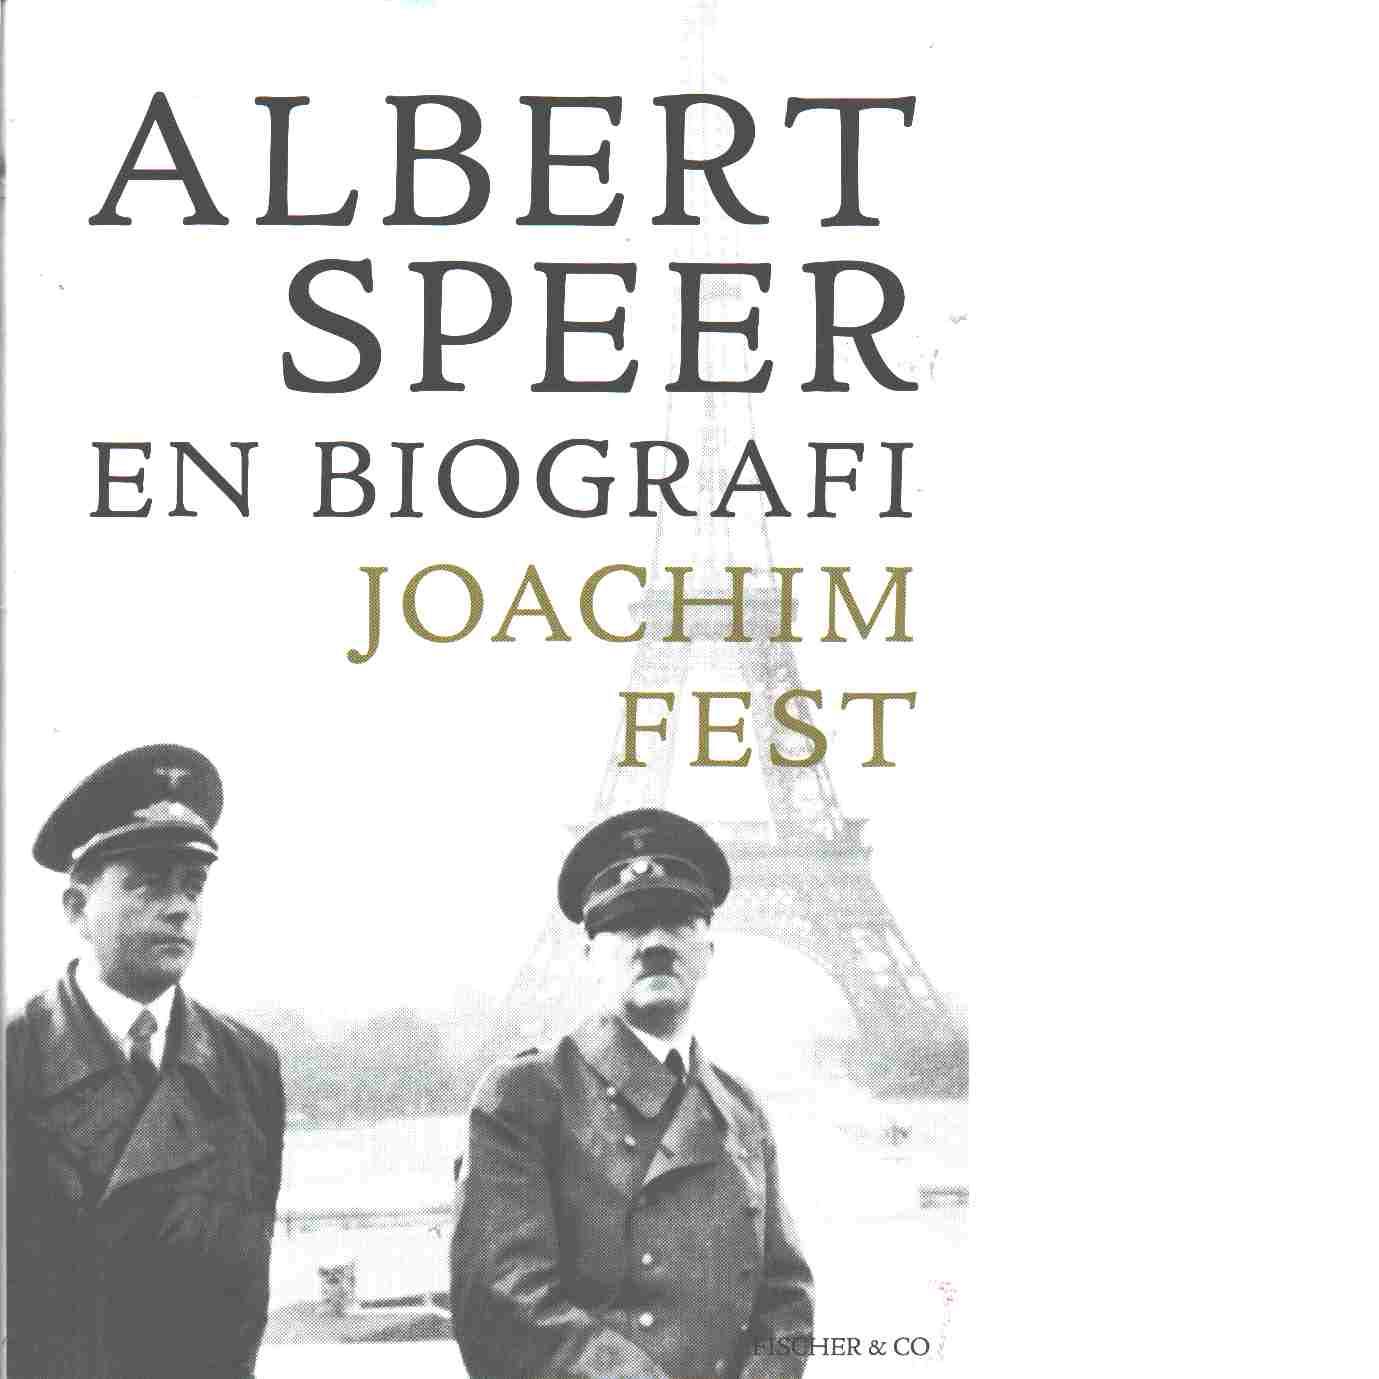 Albert Speer - Fest, Joachim